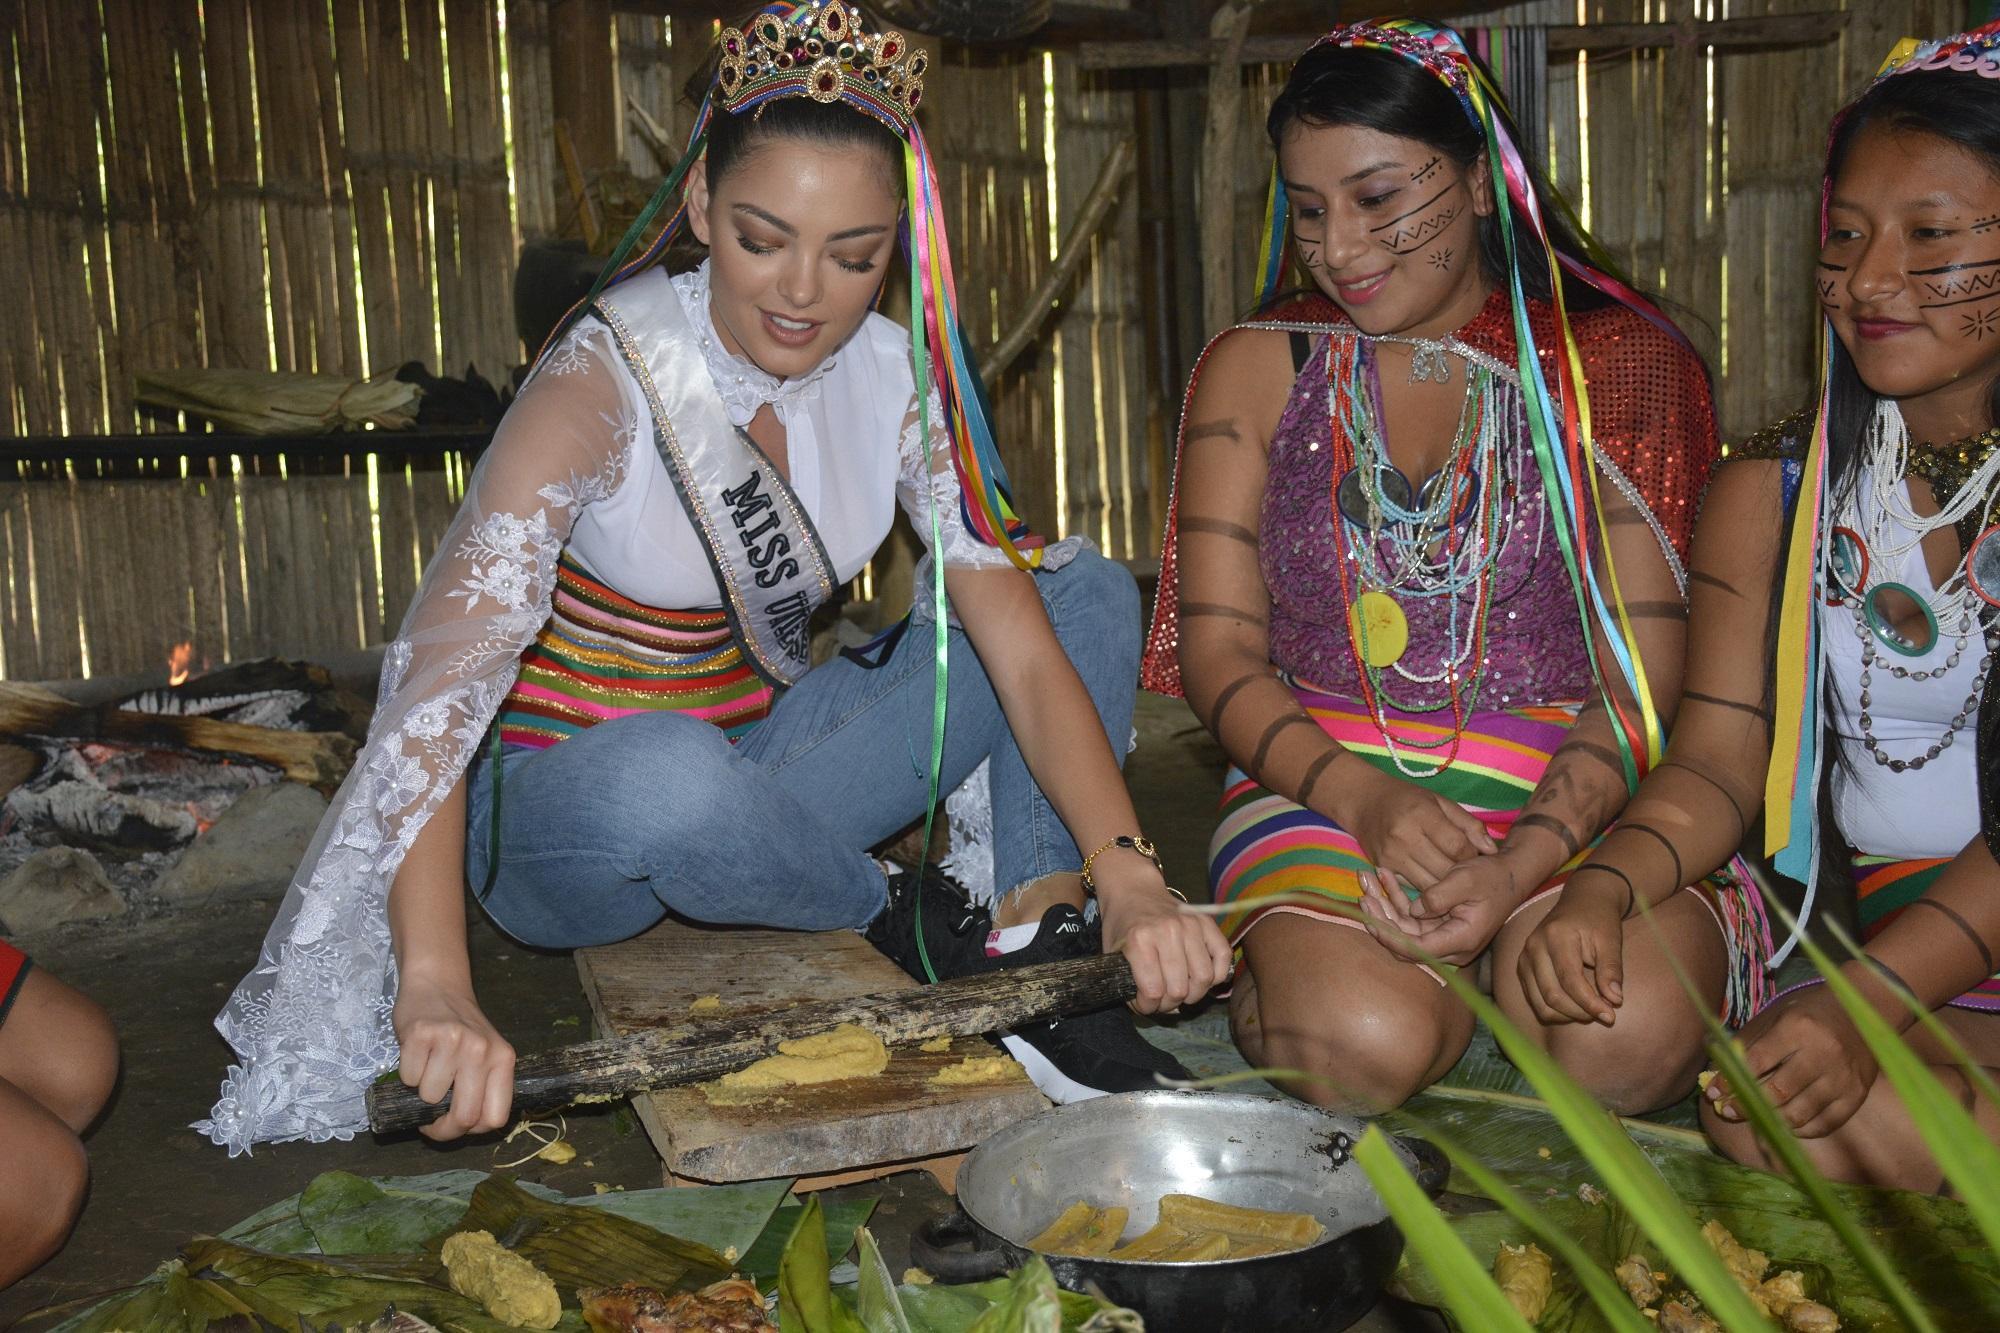 La Miss Universo probó chicha y verde molido en Santo Domingo de los Tsáchilas